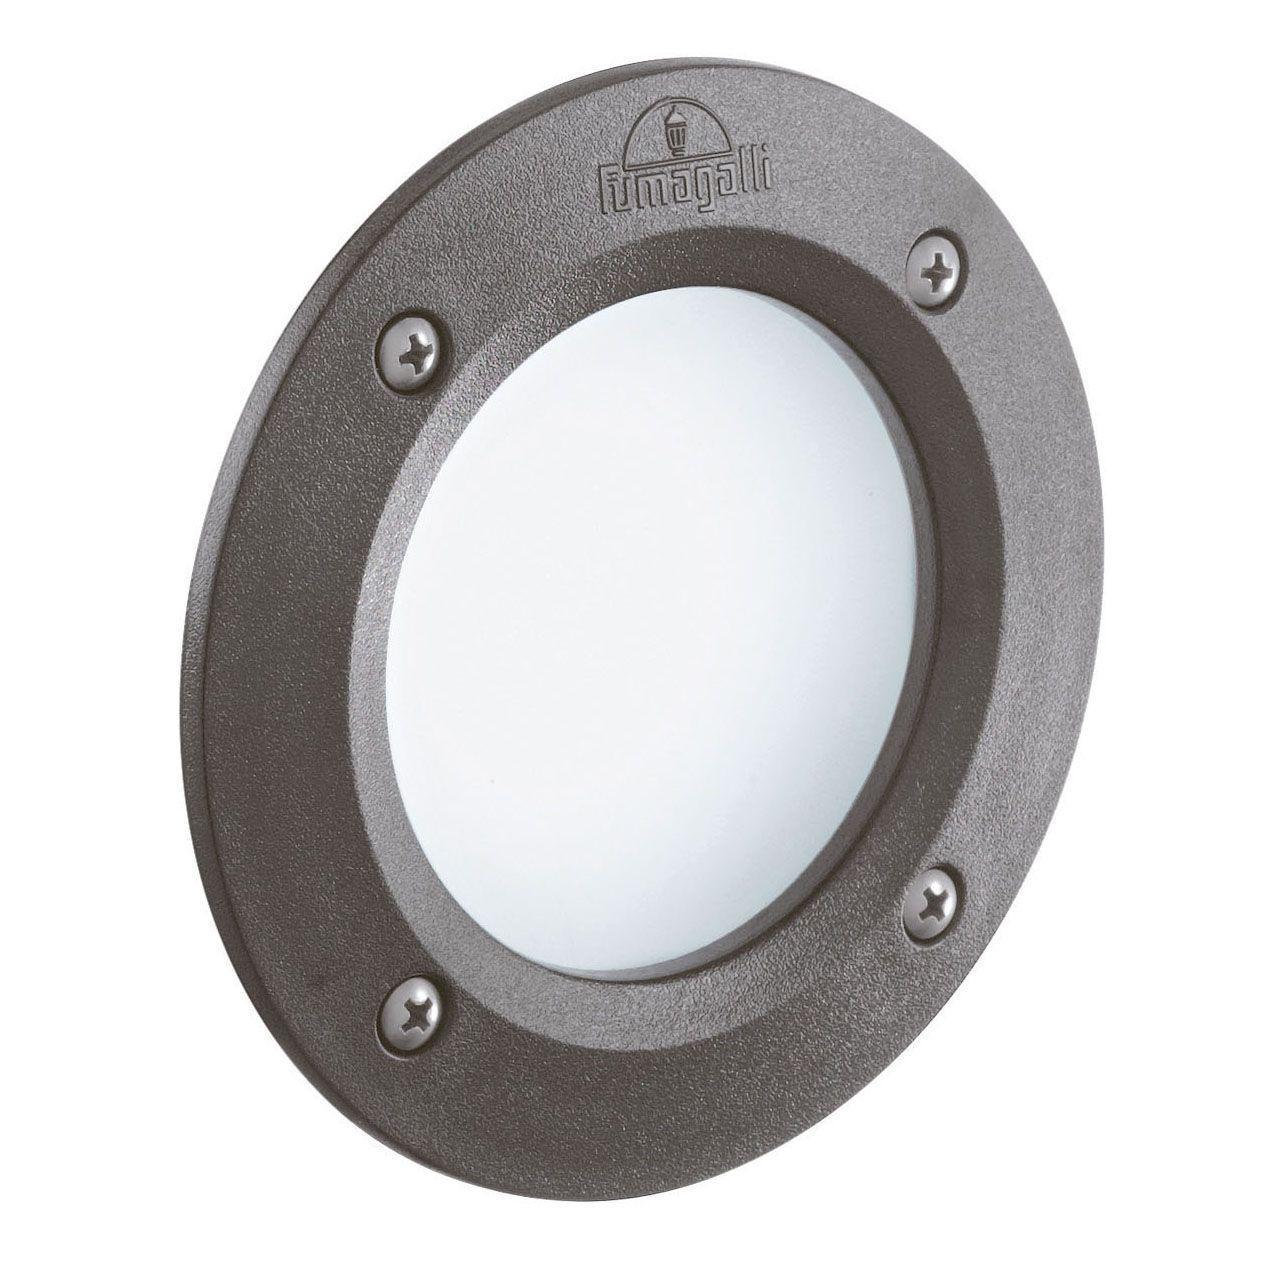 Уличный светодиодный светильник Ideal Lux Leti FI1 Round Grigio ideal lux уличный светодиодный светильник ideal lux leti round fi1 grigio